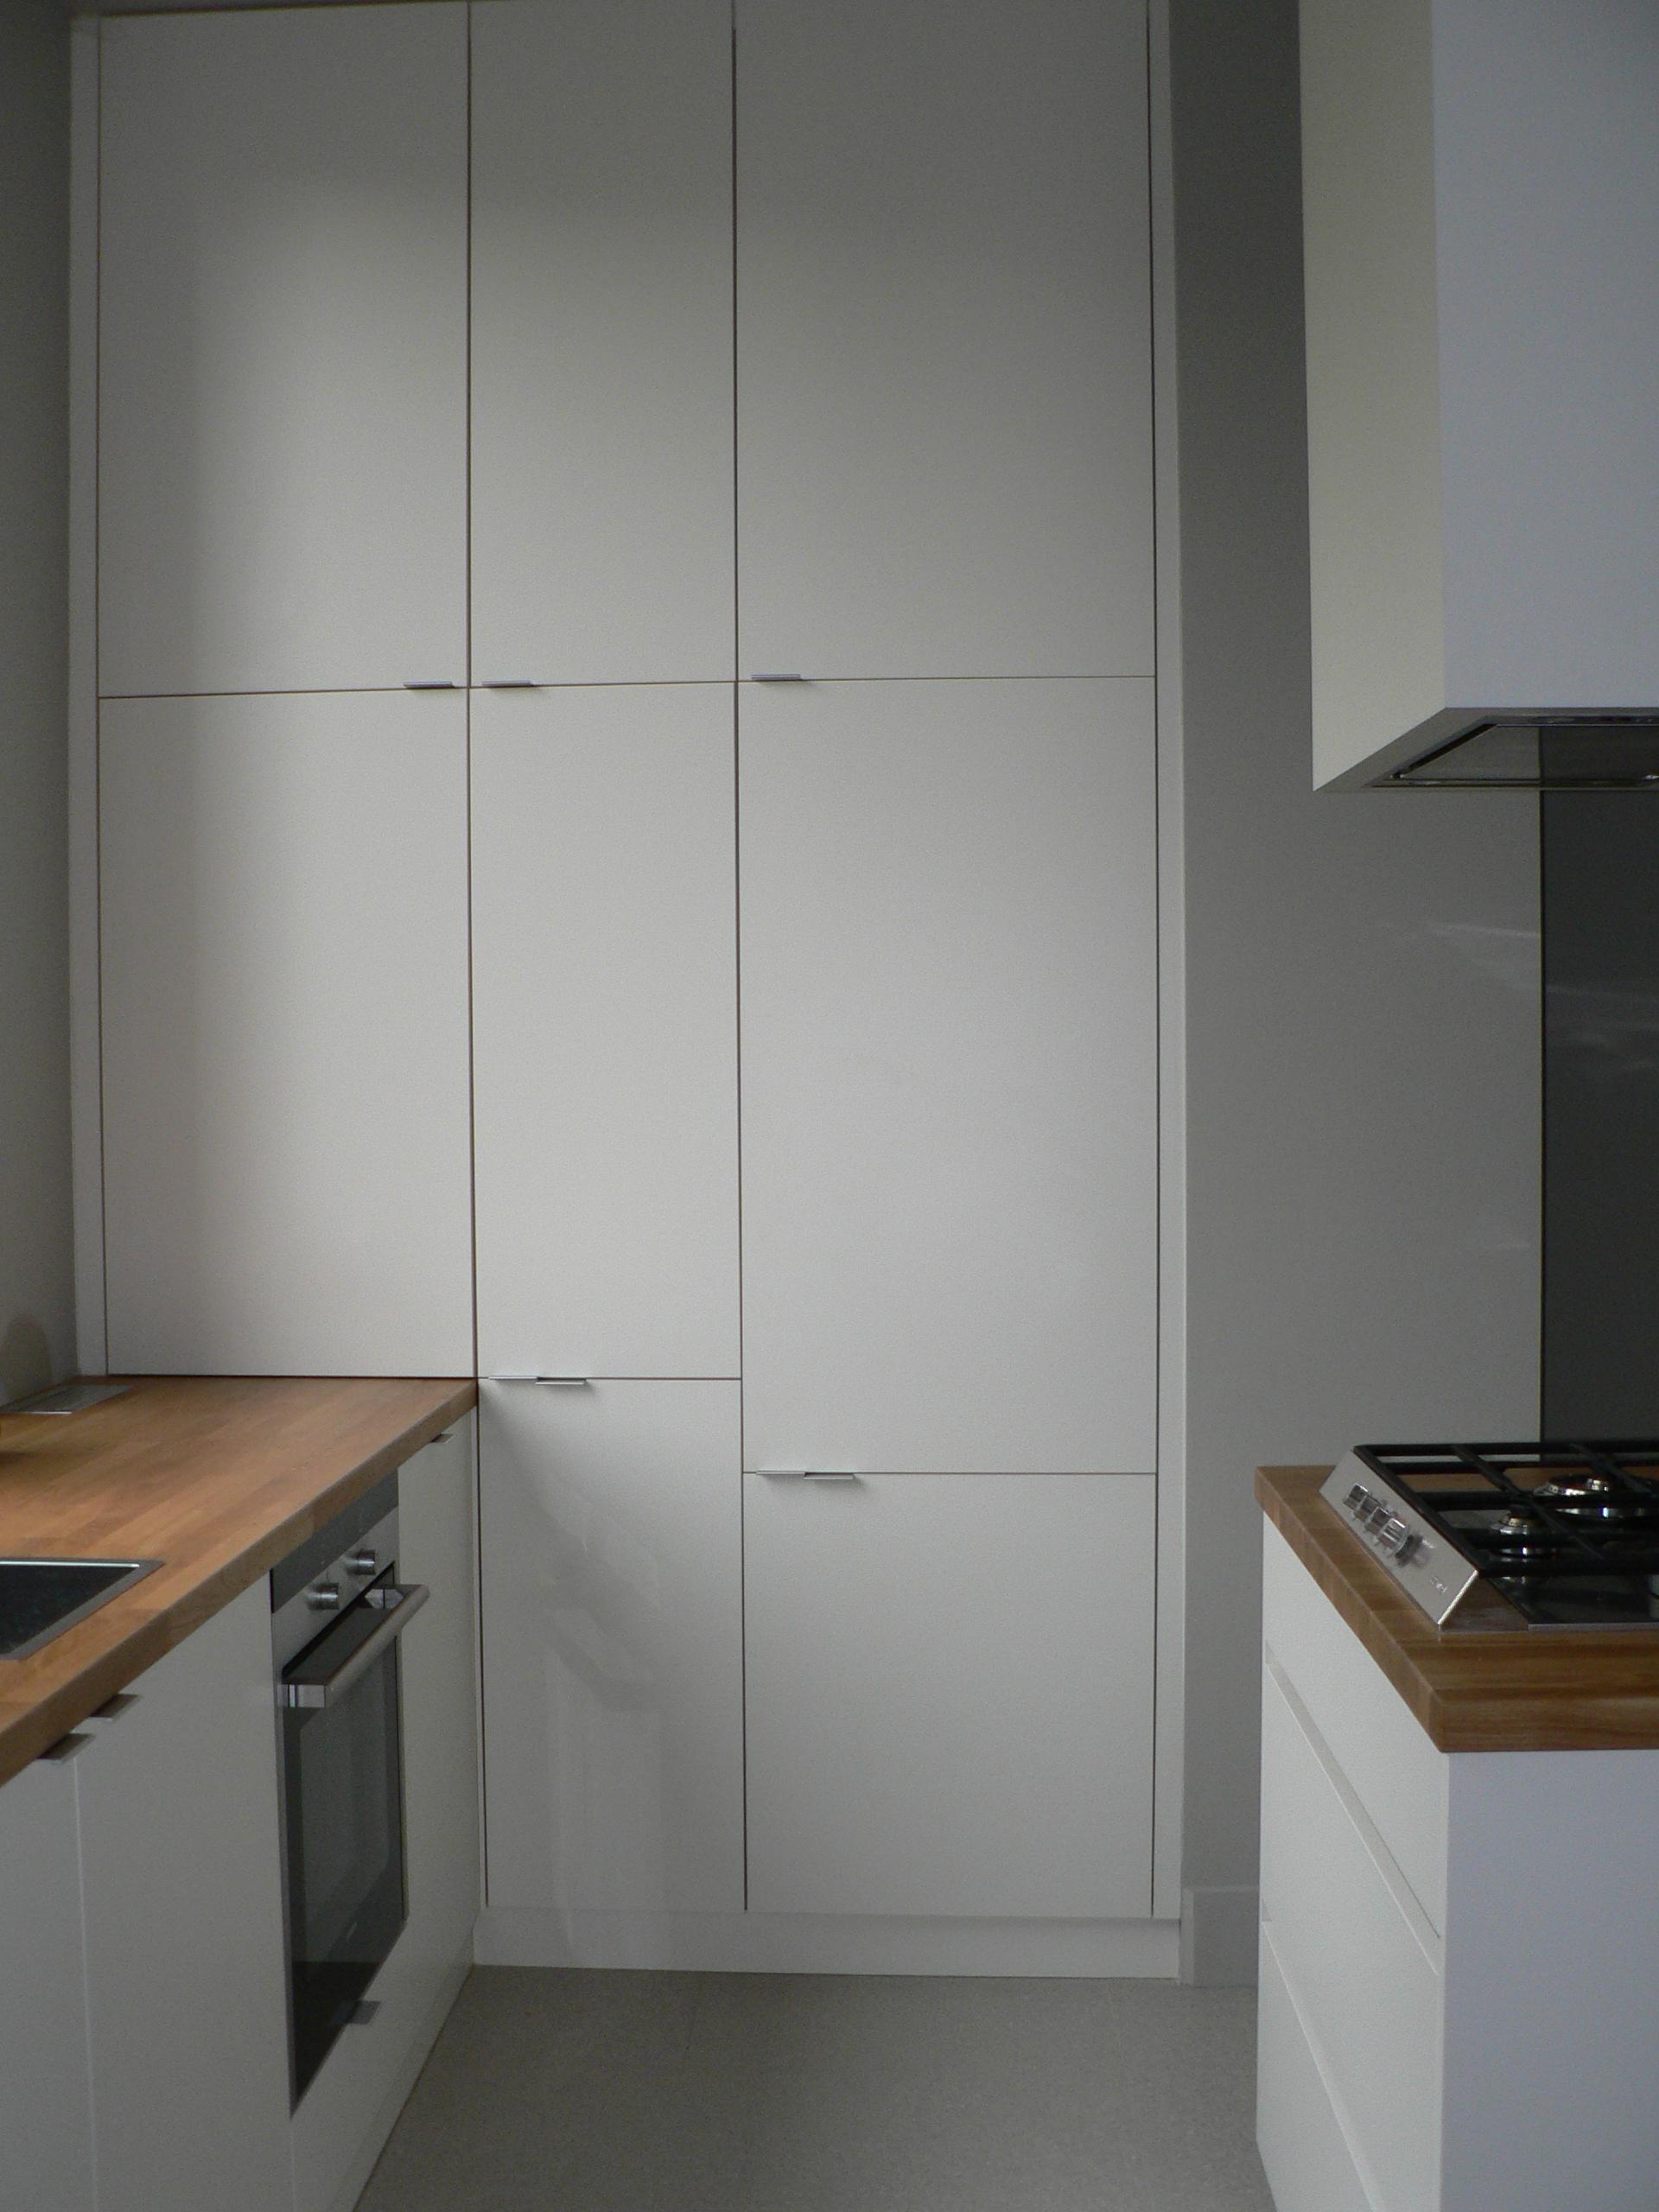 Réalisation de meubles sur mesure